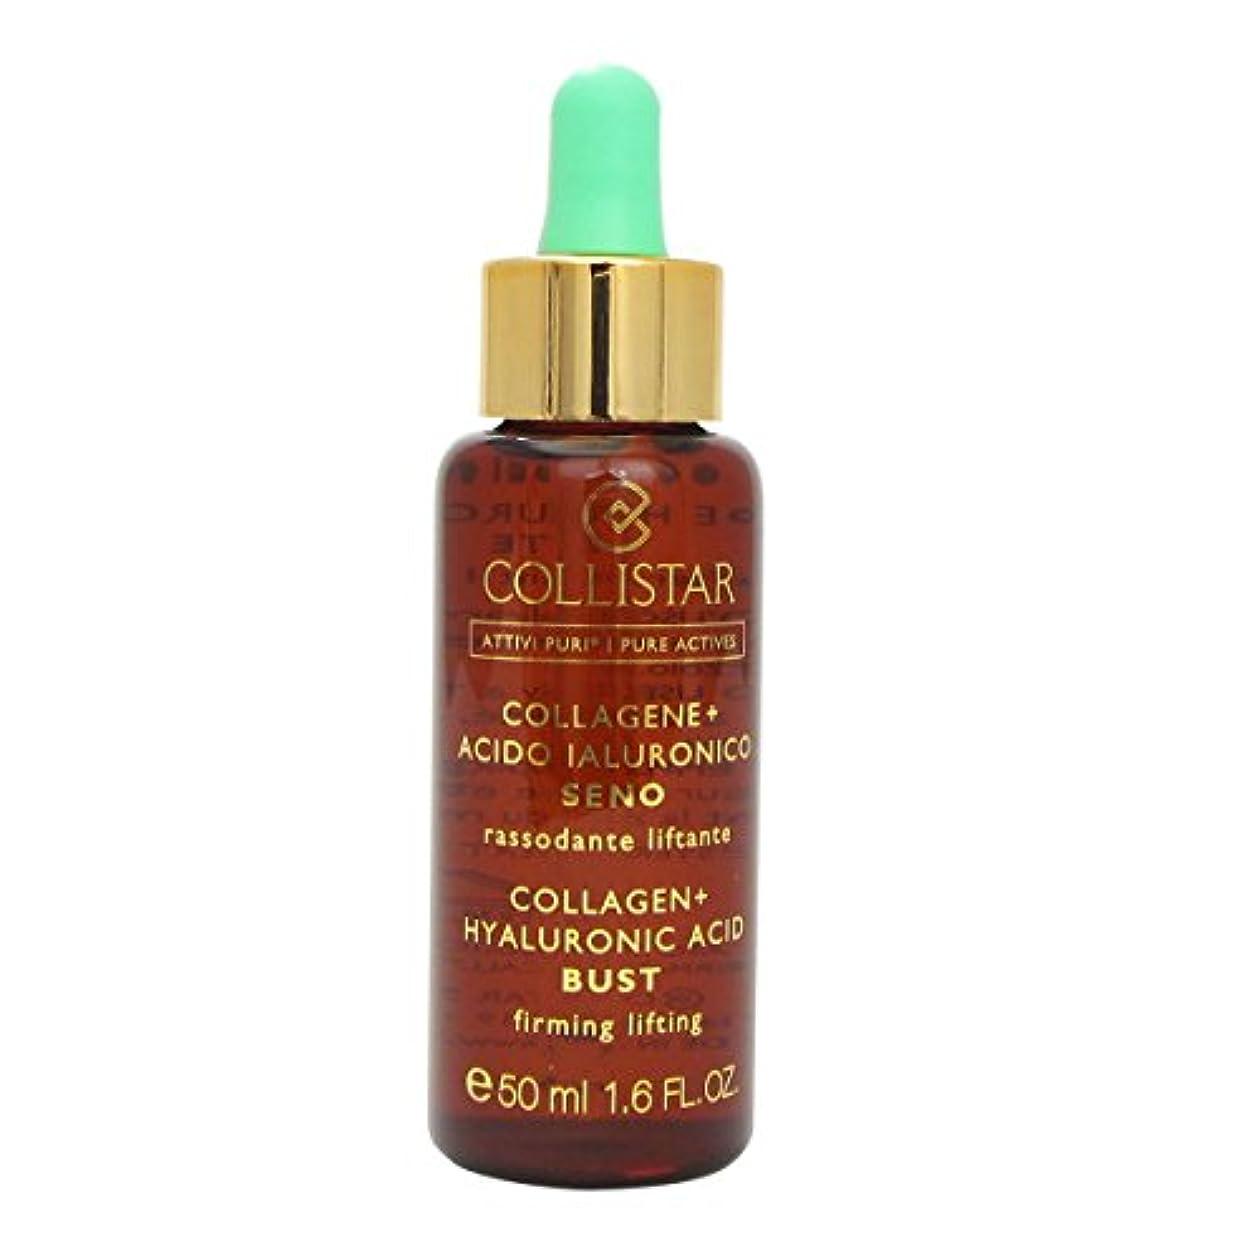 持ってるナイトスポットモジュールCollistar Bust Collagen + Hyaluronic Acid 50ml [並行輸入品]